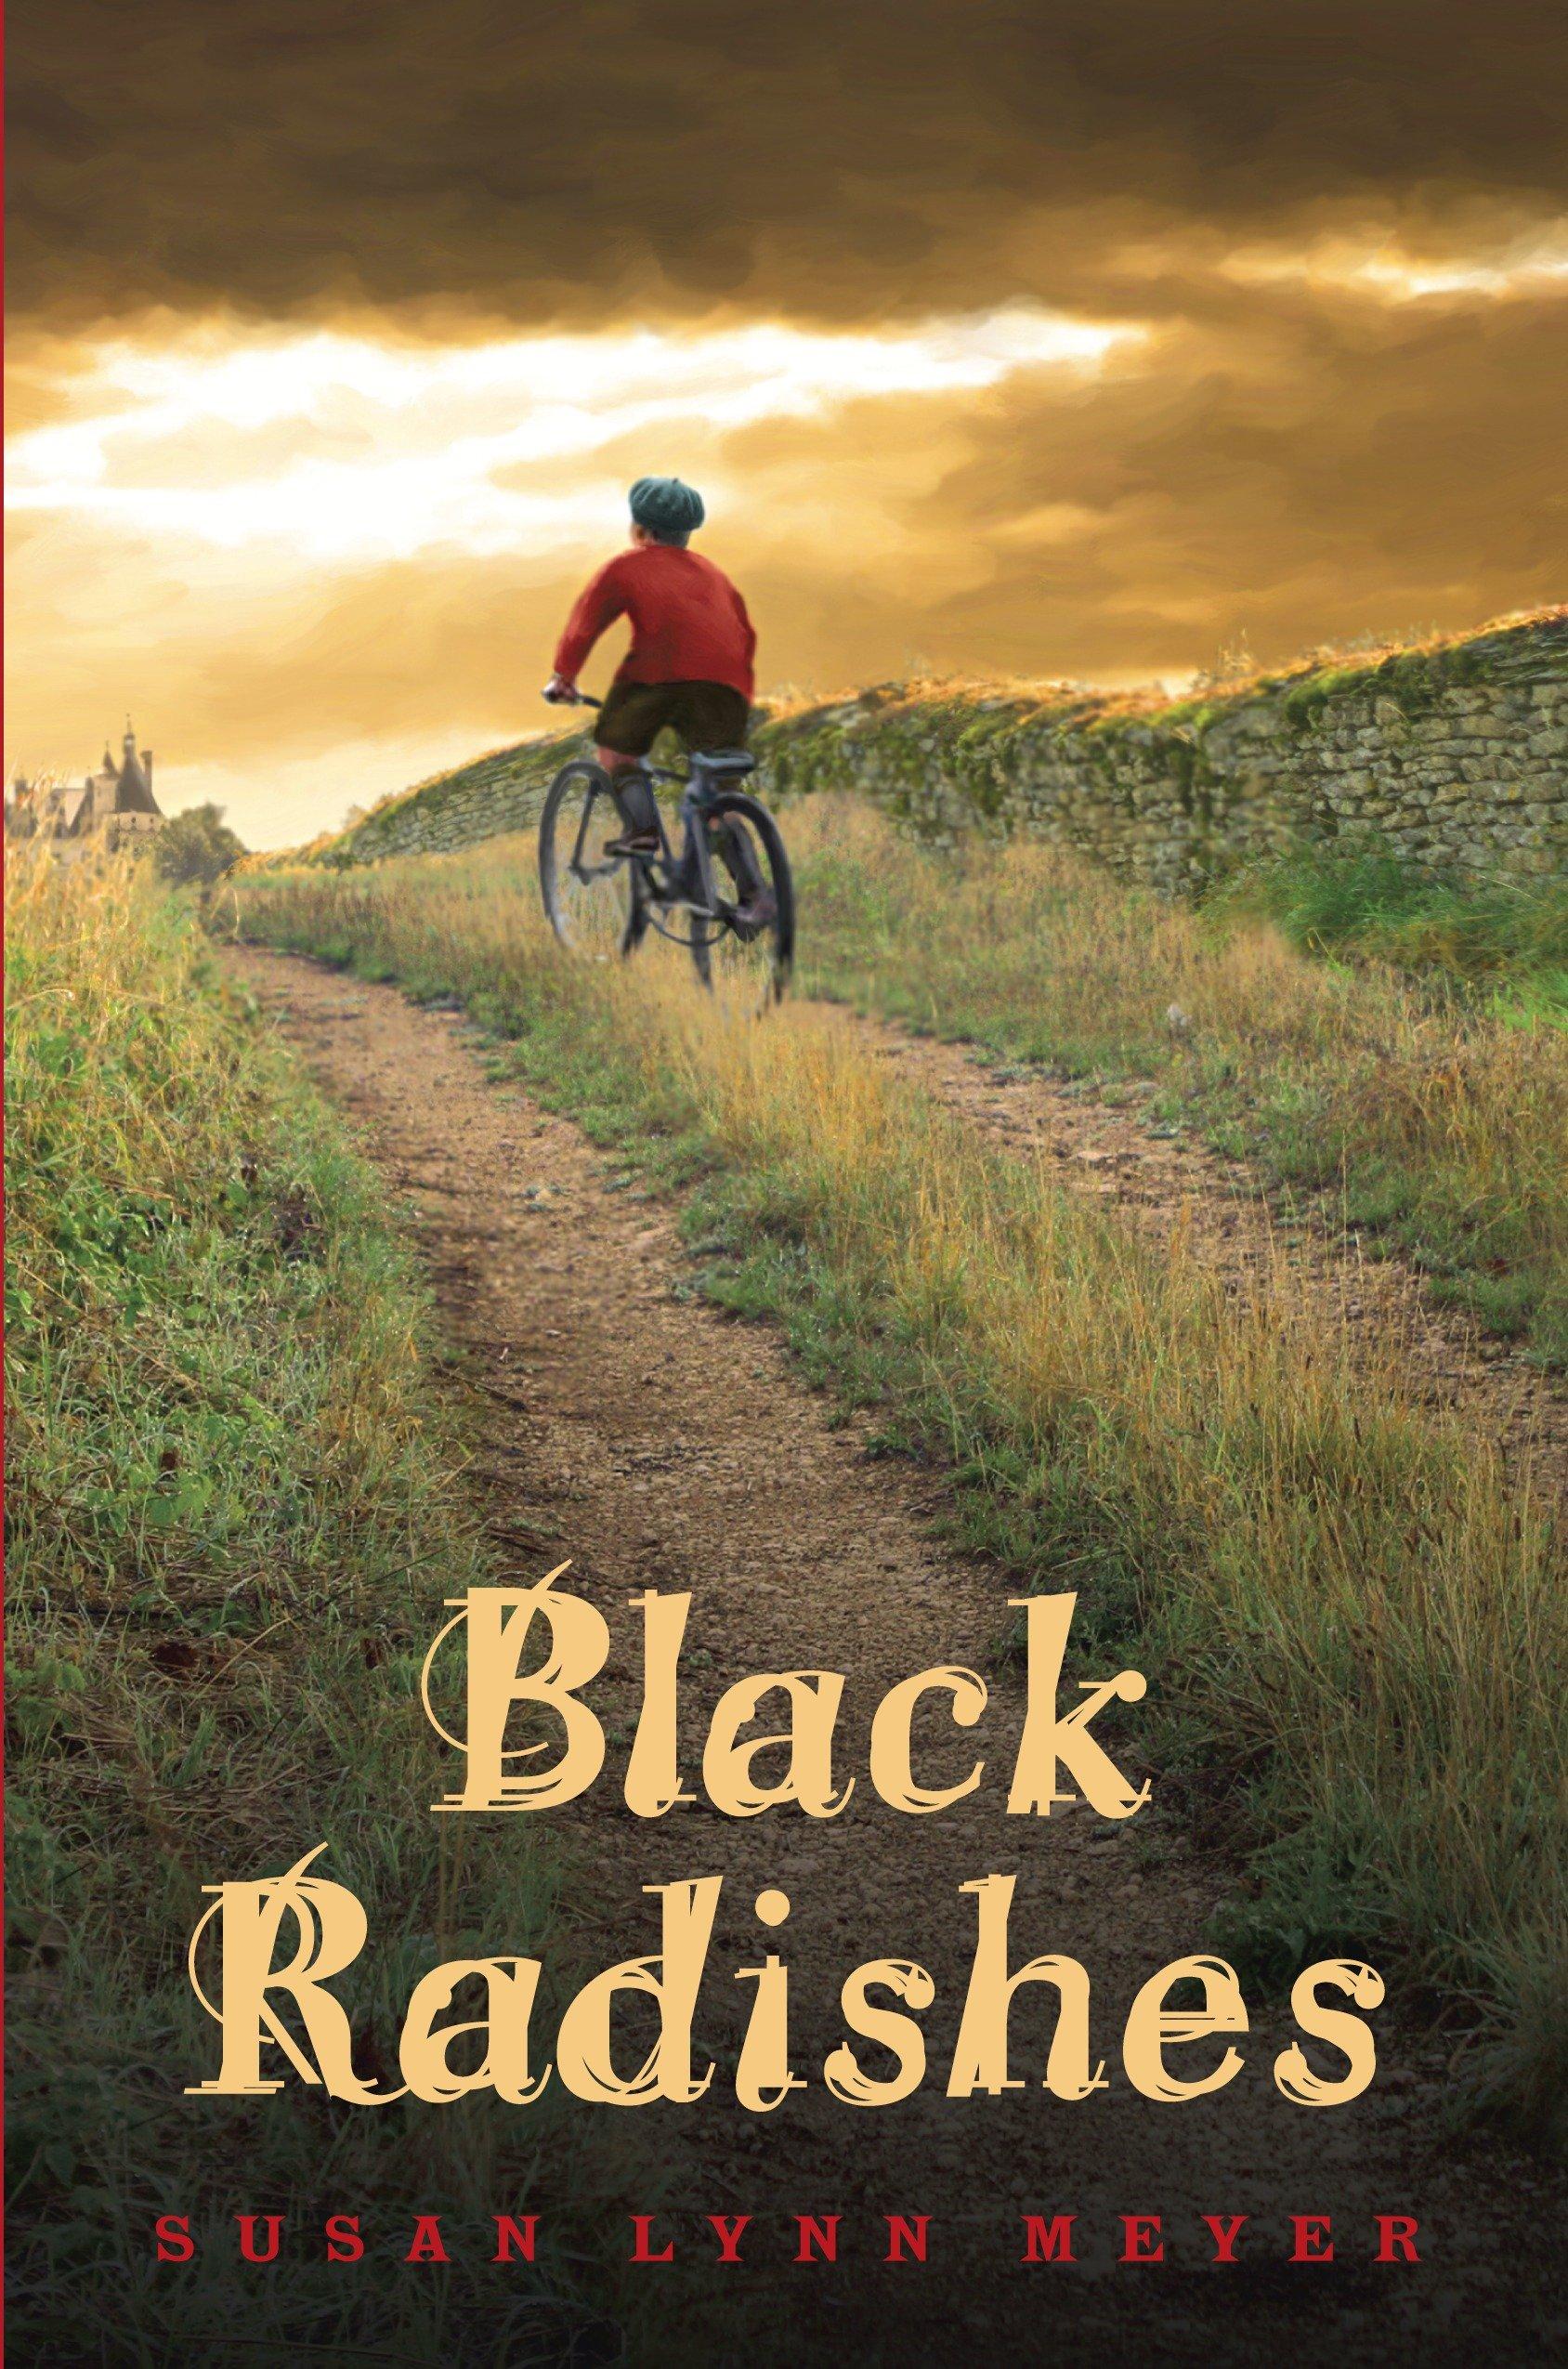 Black radishes cover image